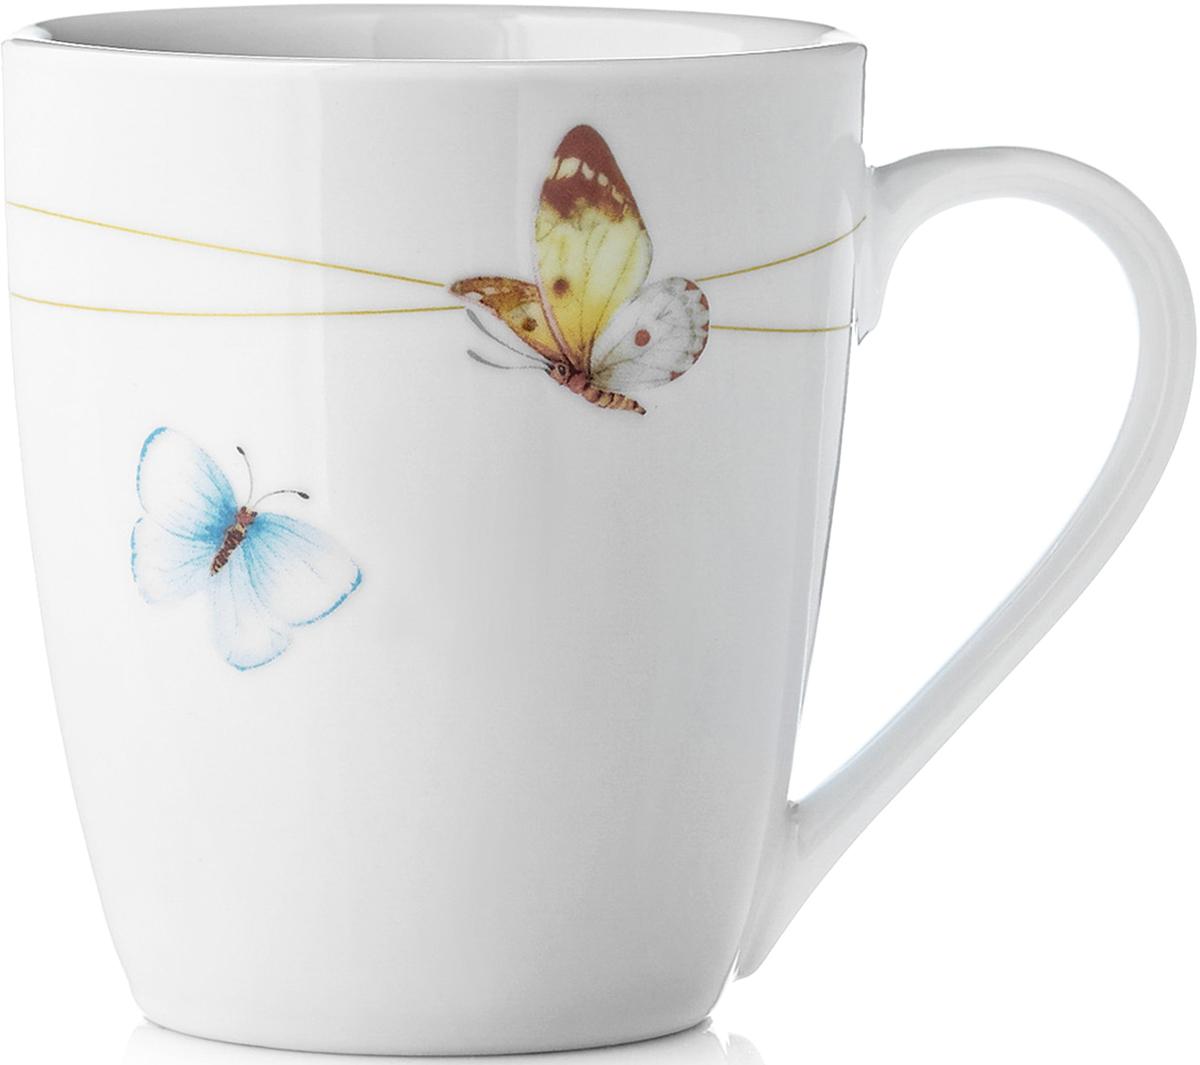 """Кружка Mariposa изготовлена из твердого фарфора. Название коллекции Mariposa (в переводе с испанского """"бабочка"""") также красиво, как и раскраска крыльев этих прекрасных созданий.Летящие бабочки на фоне белоснежного фарфора создают ощущение легкости и простора. Солнечная коллекция Mariposa идеально подойдет к завтраку в кругу семьи на природе. Посуда украсит ваш стол и создаст атмосферу для непринуждённого общения за чашечкой кофе в коттедже или загородном доме. Кружка Mariposa идеально подойдет как для горячих, так и для холодных напитков. Изделия из твердого фарфора можно использовать в микроволновой печи, мыть в посудомоечной машине."""